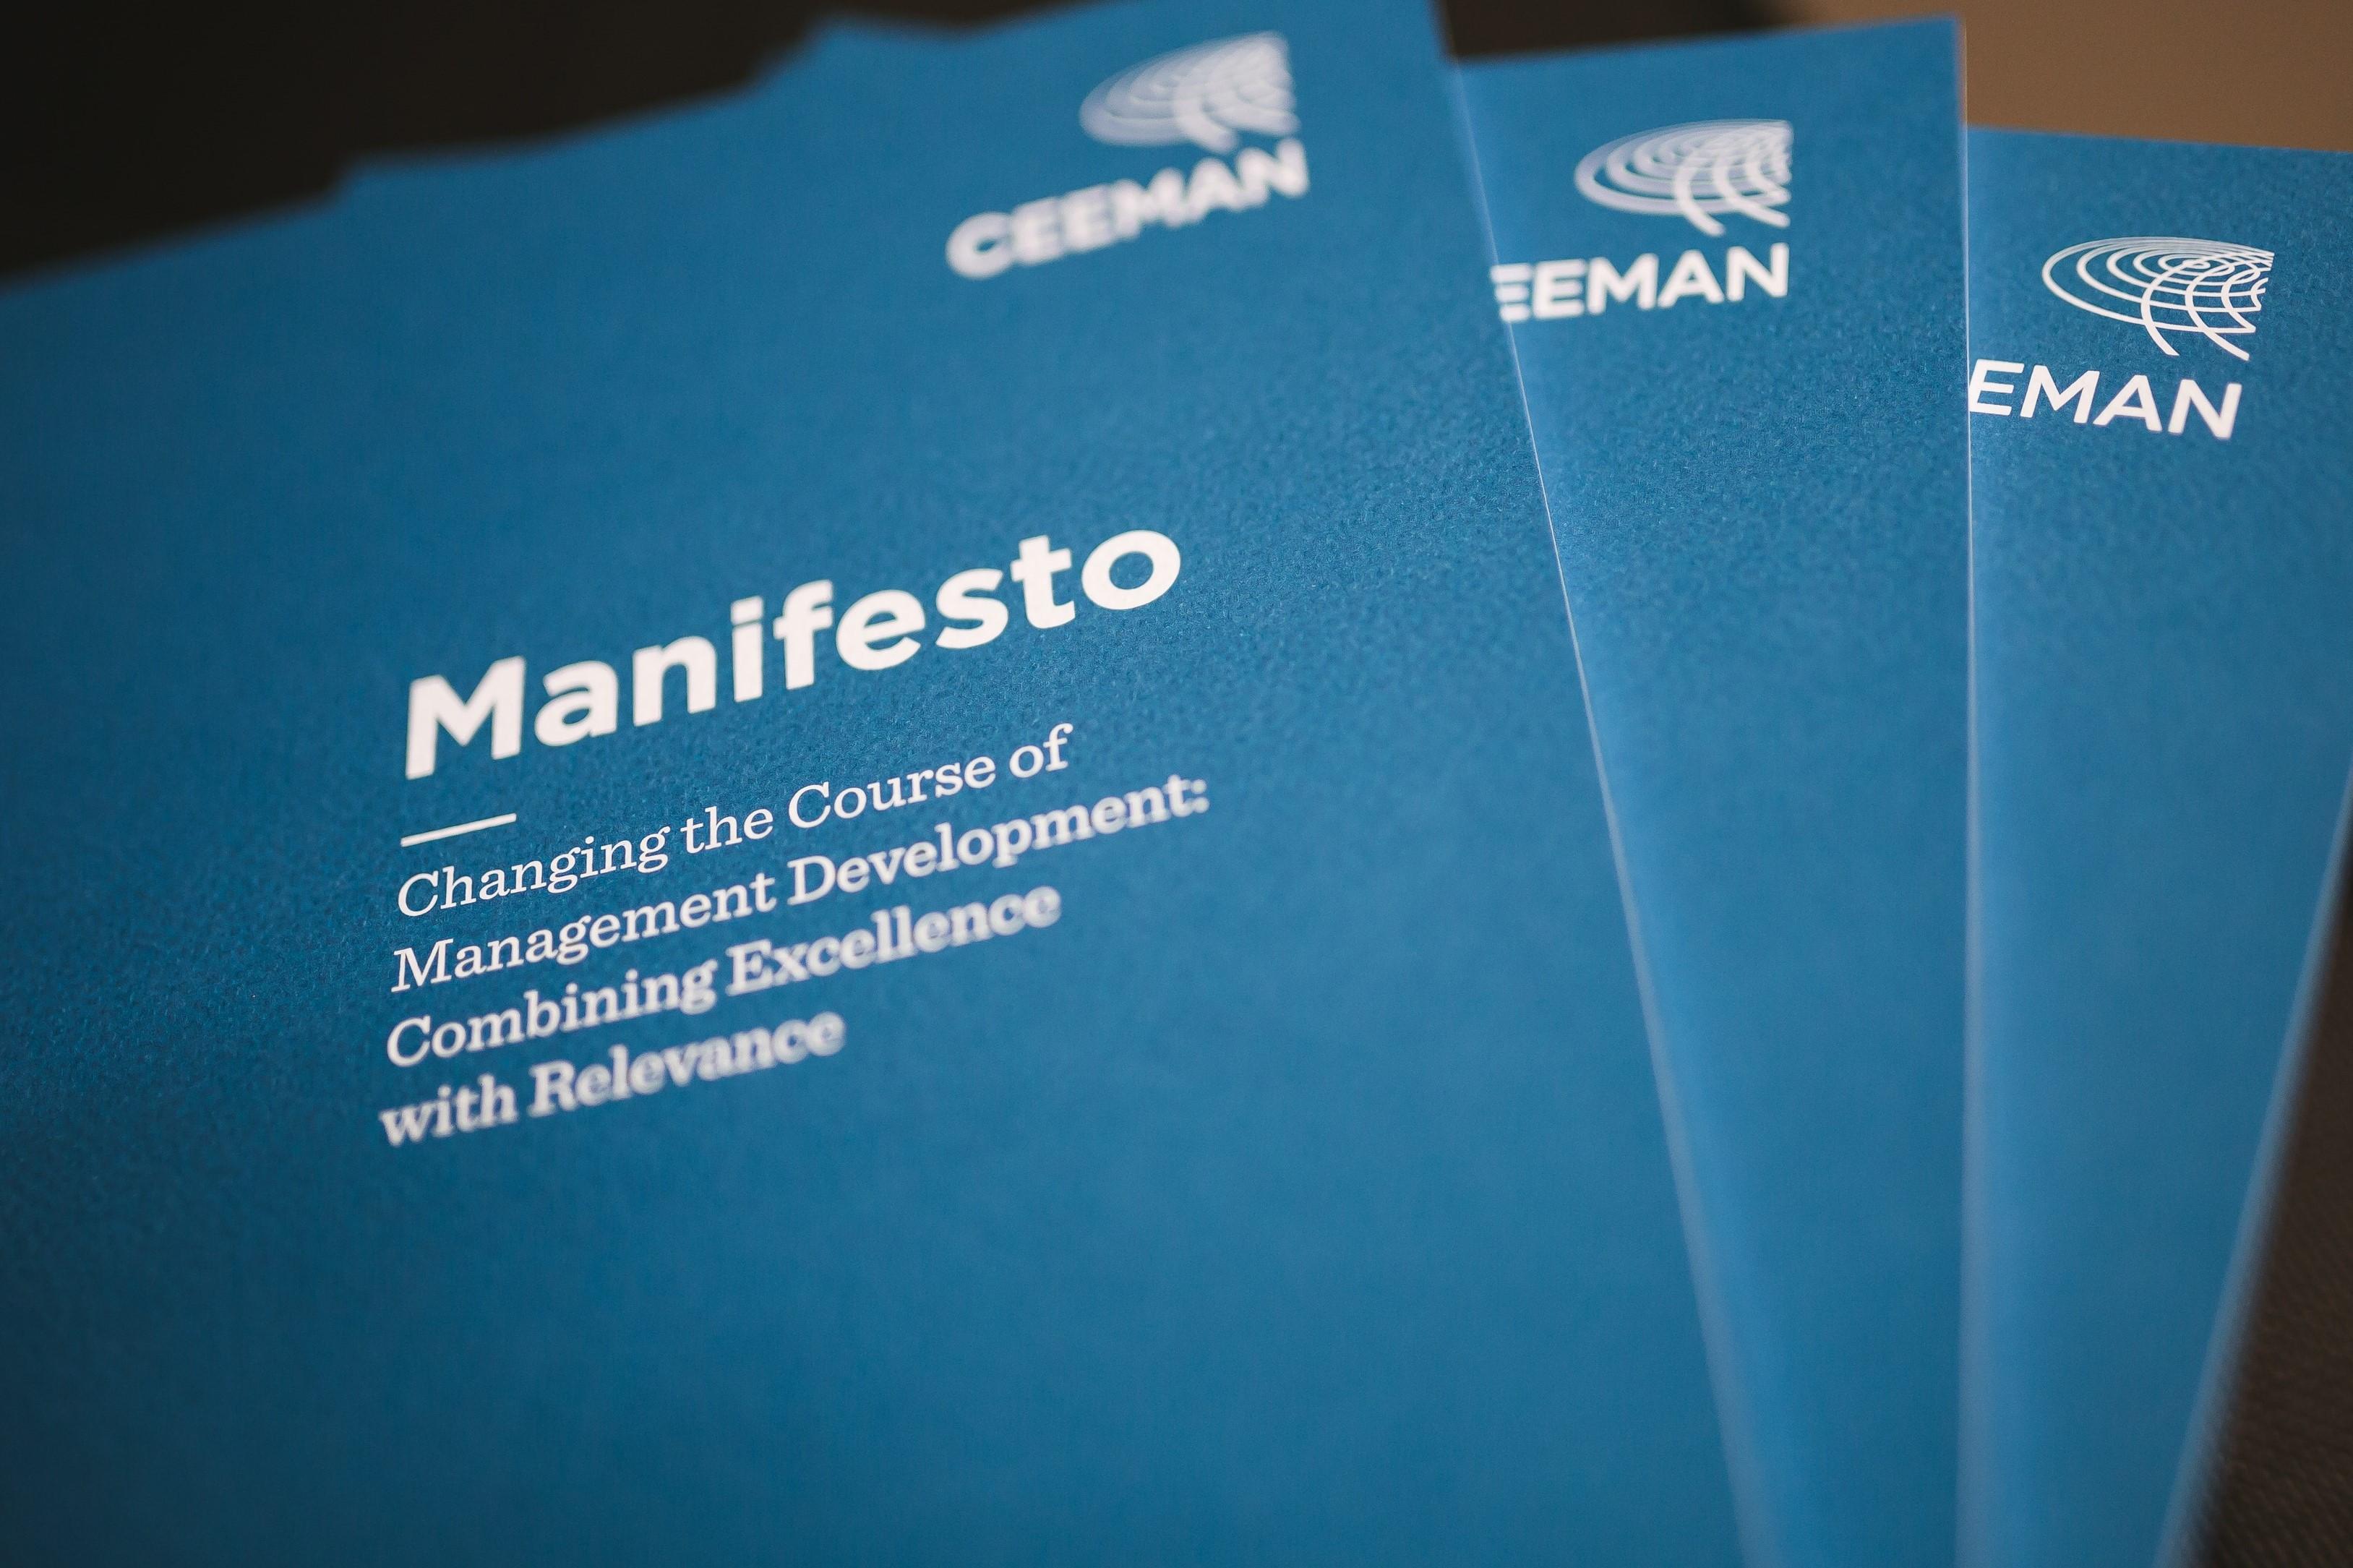 Read CEEMAN Manifesto in Short